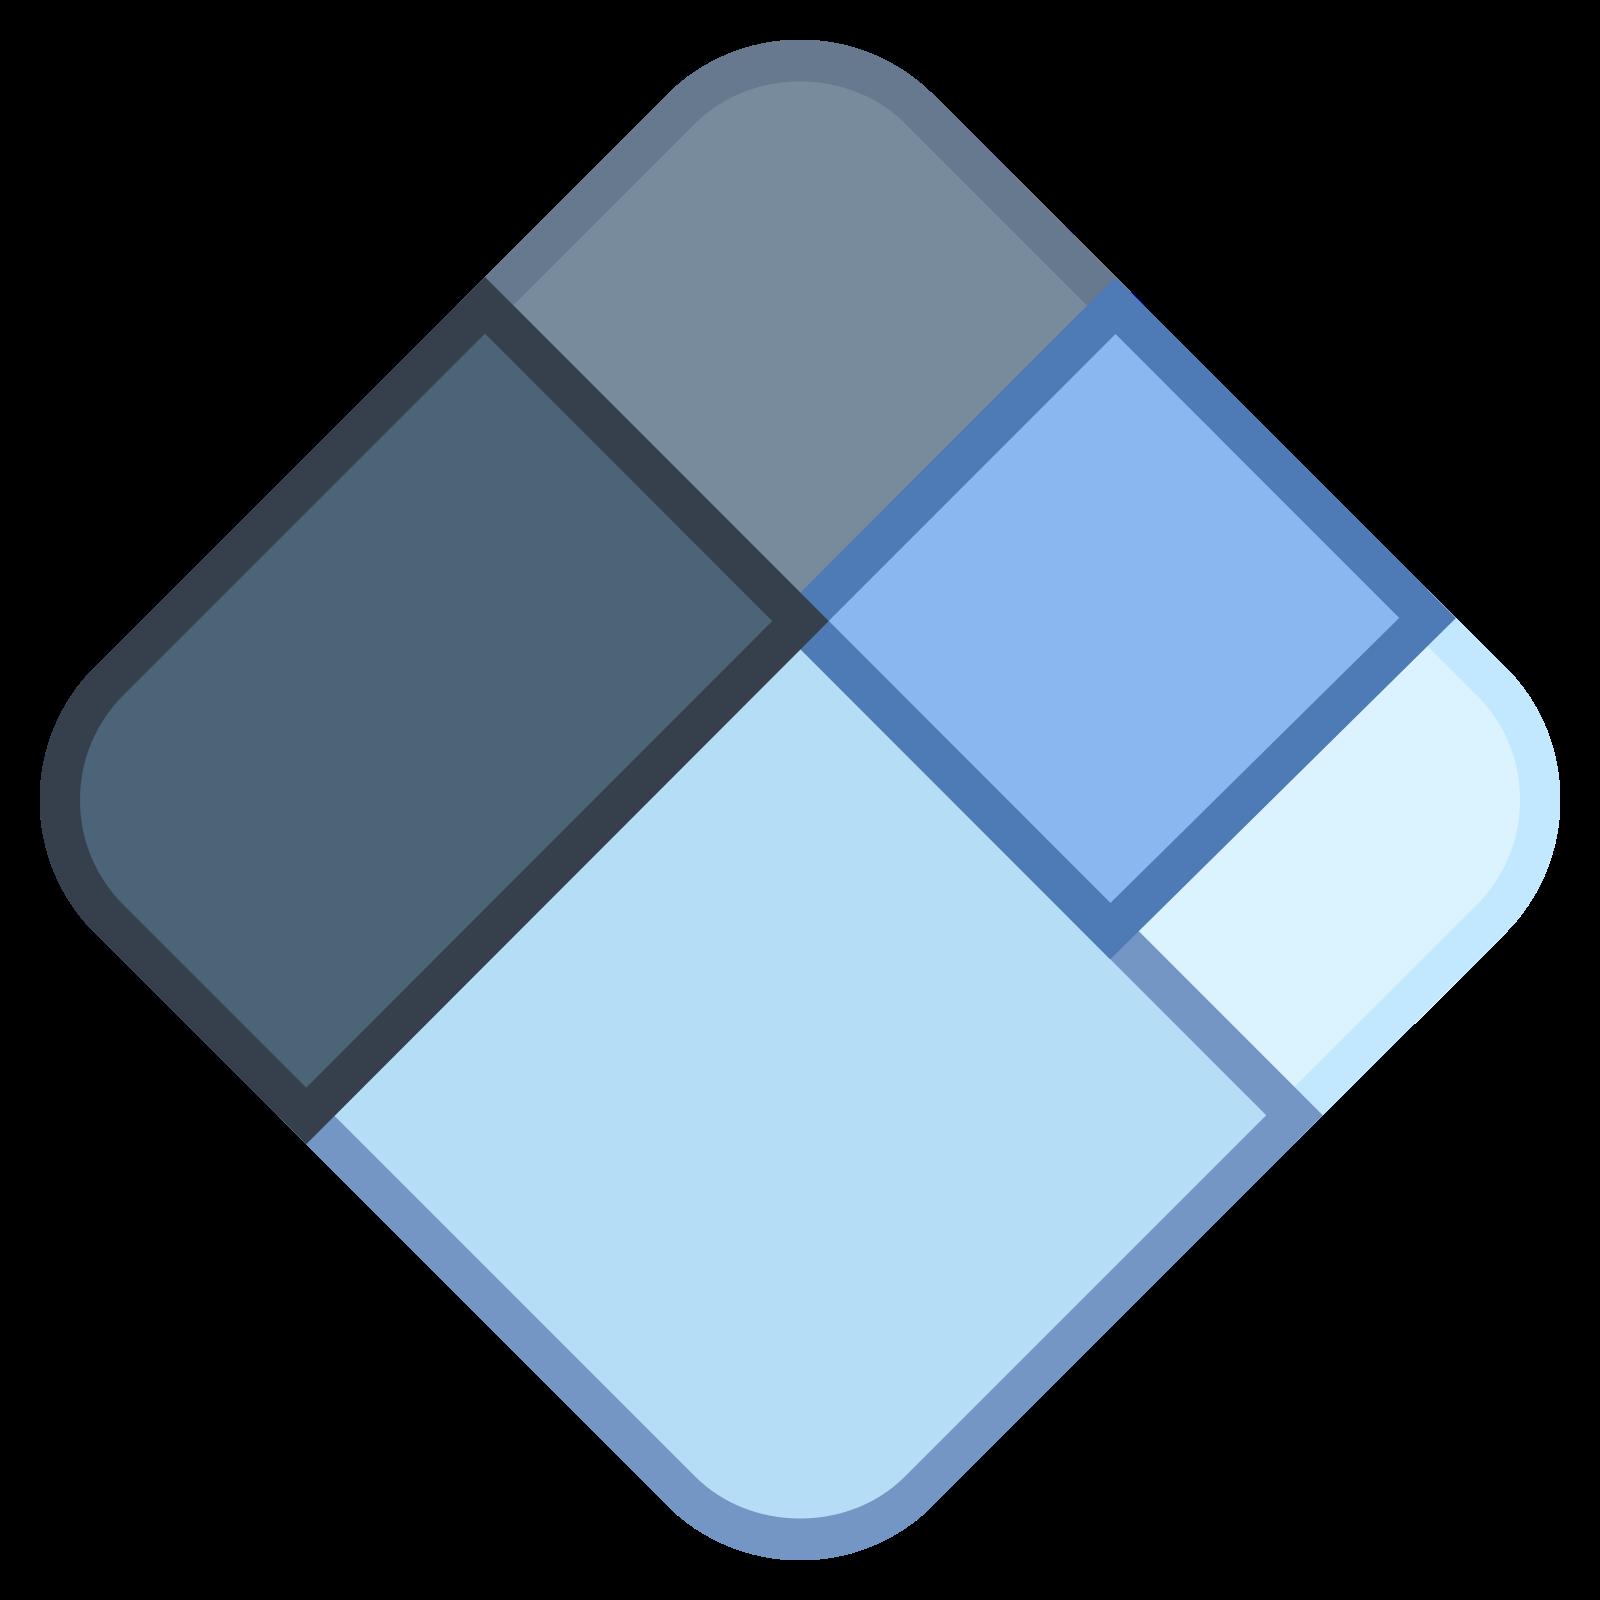 Новый логотип Blockchain icon